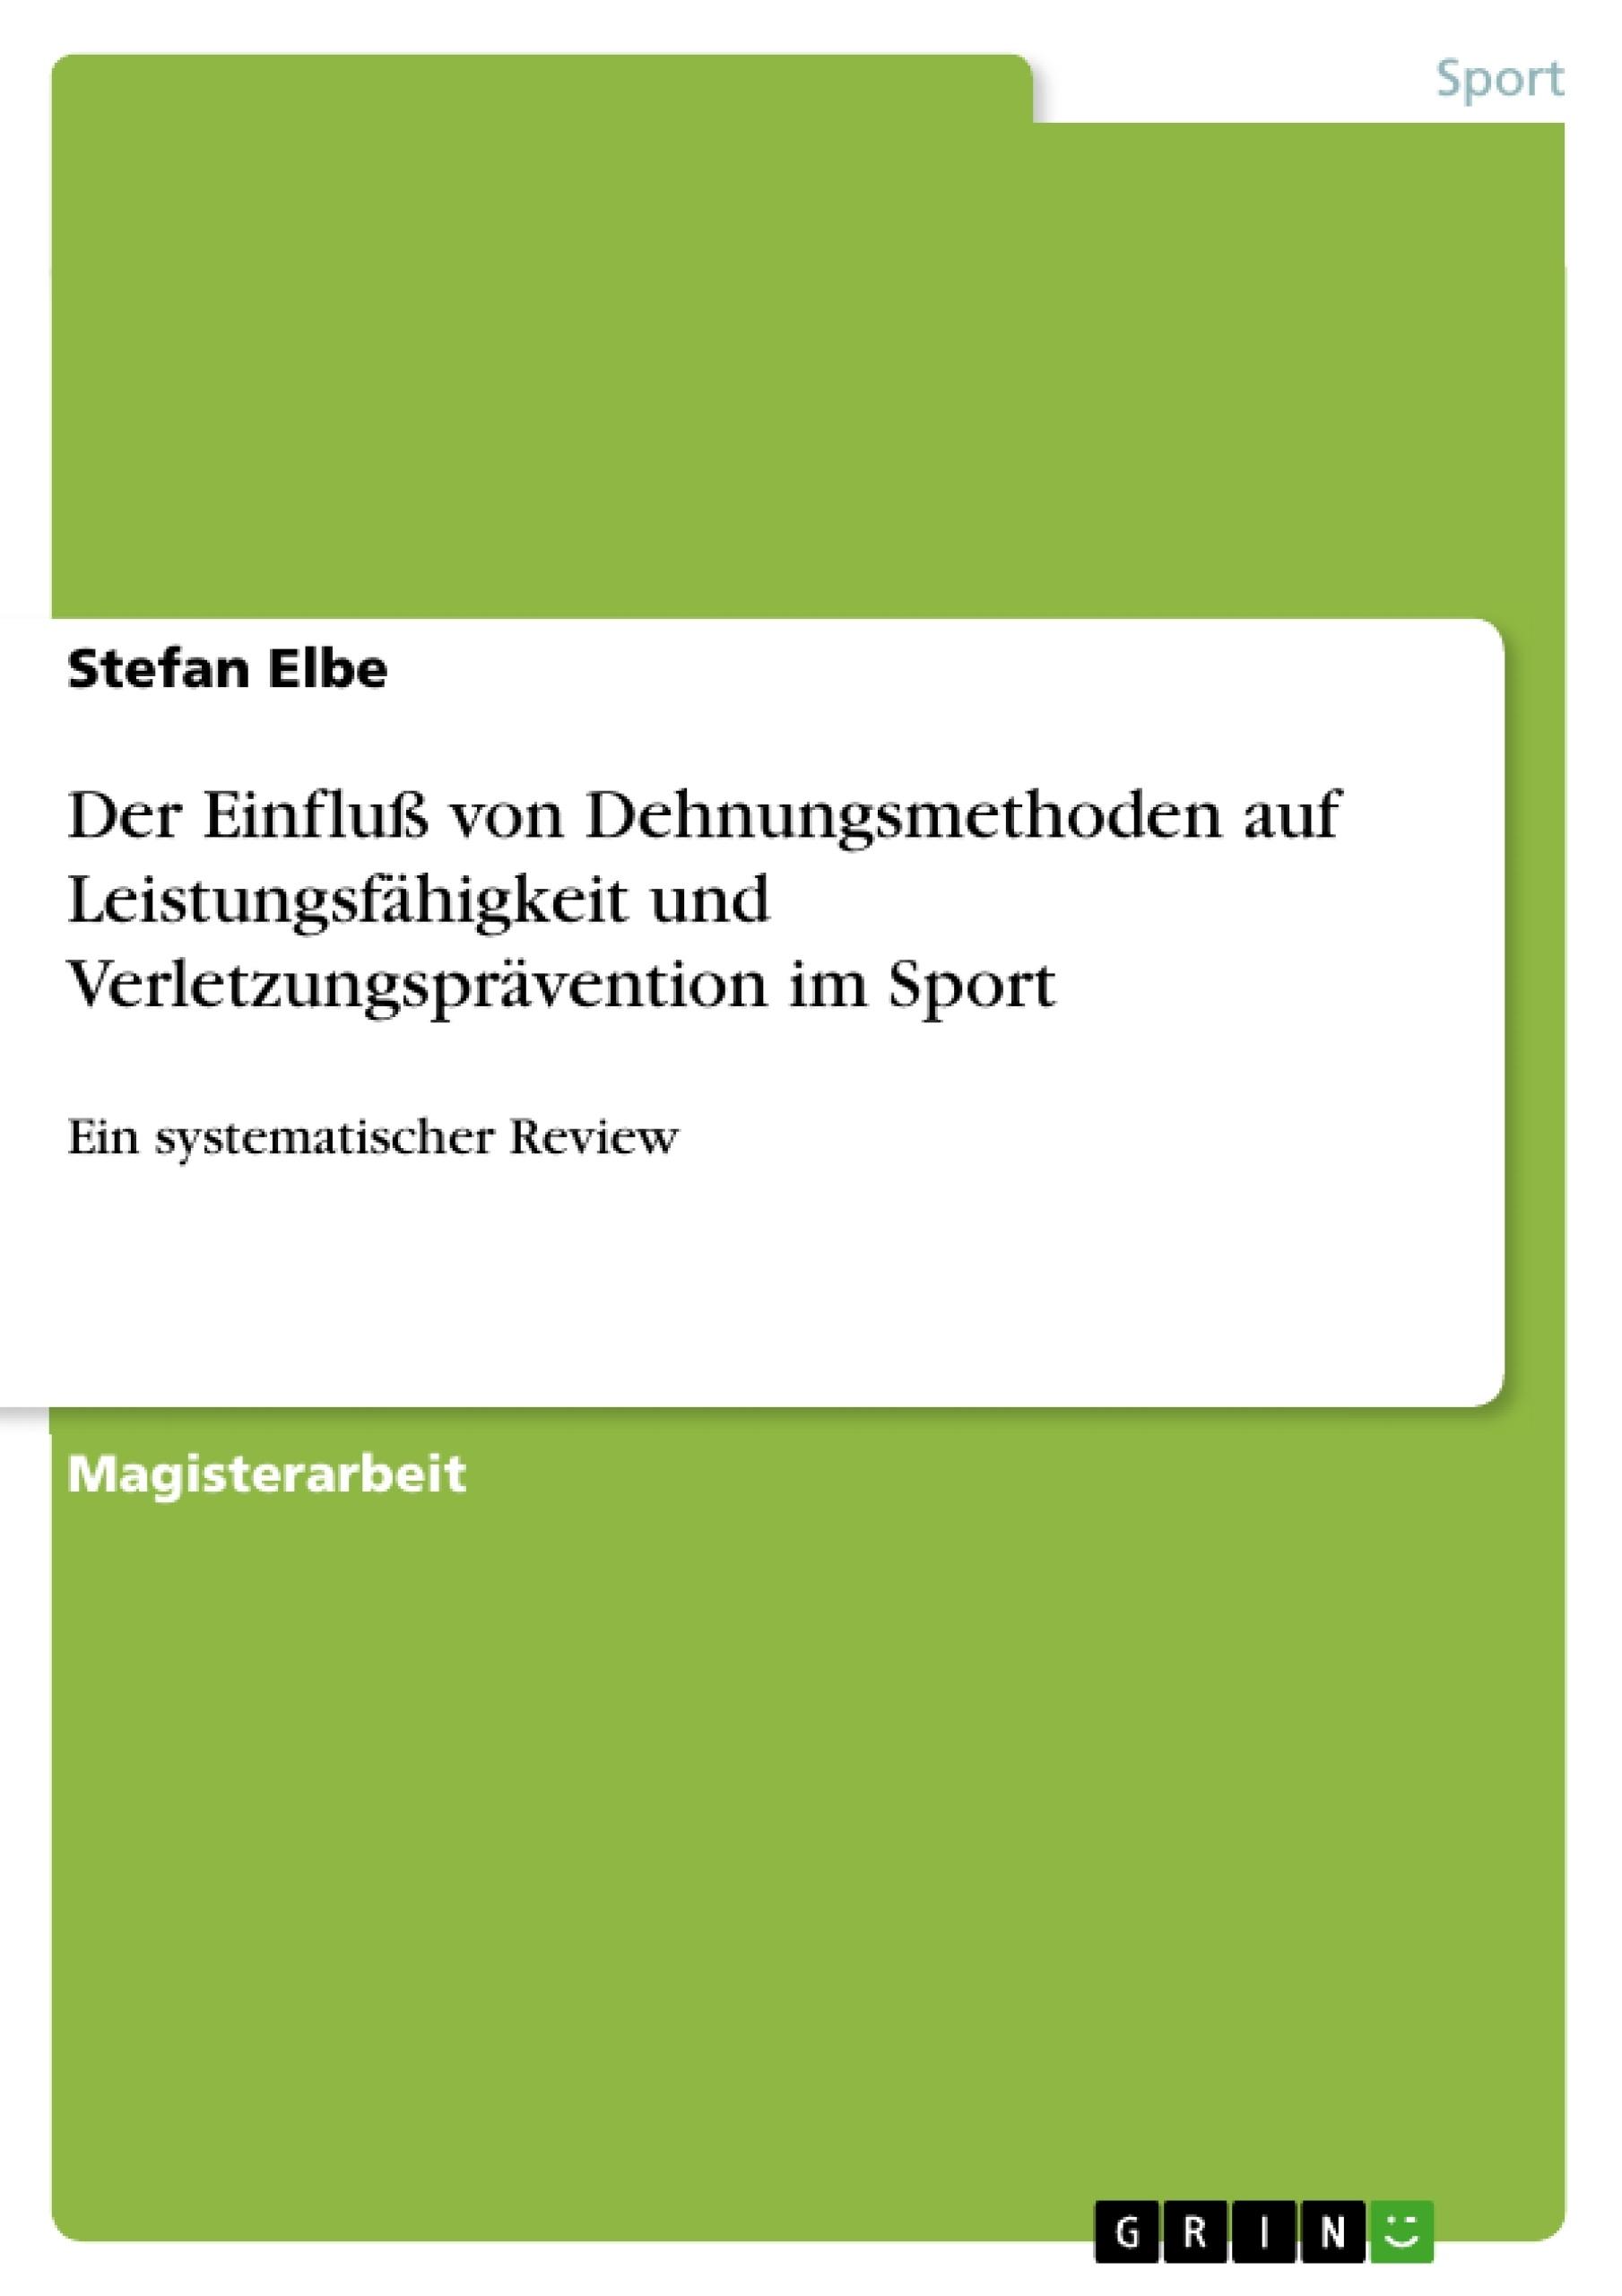 Titel: Der Einfluß von Dehnungsmethoden auf Leistungsfähigkeit und Verletzungsprävention im Sport